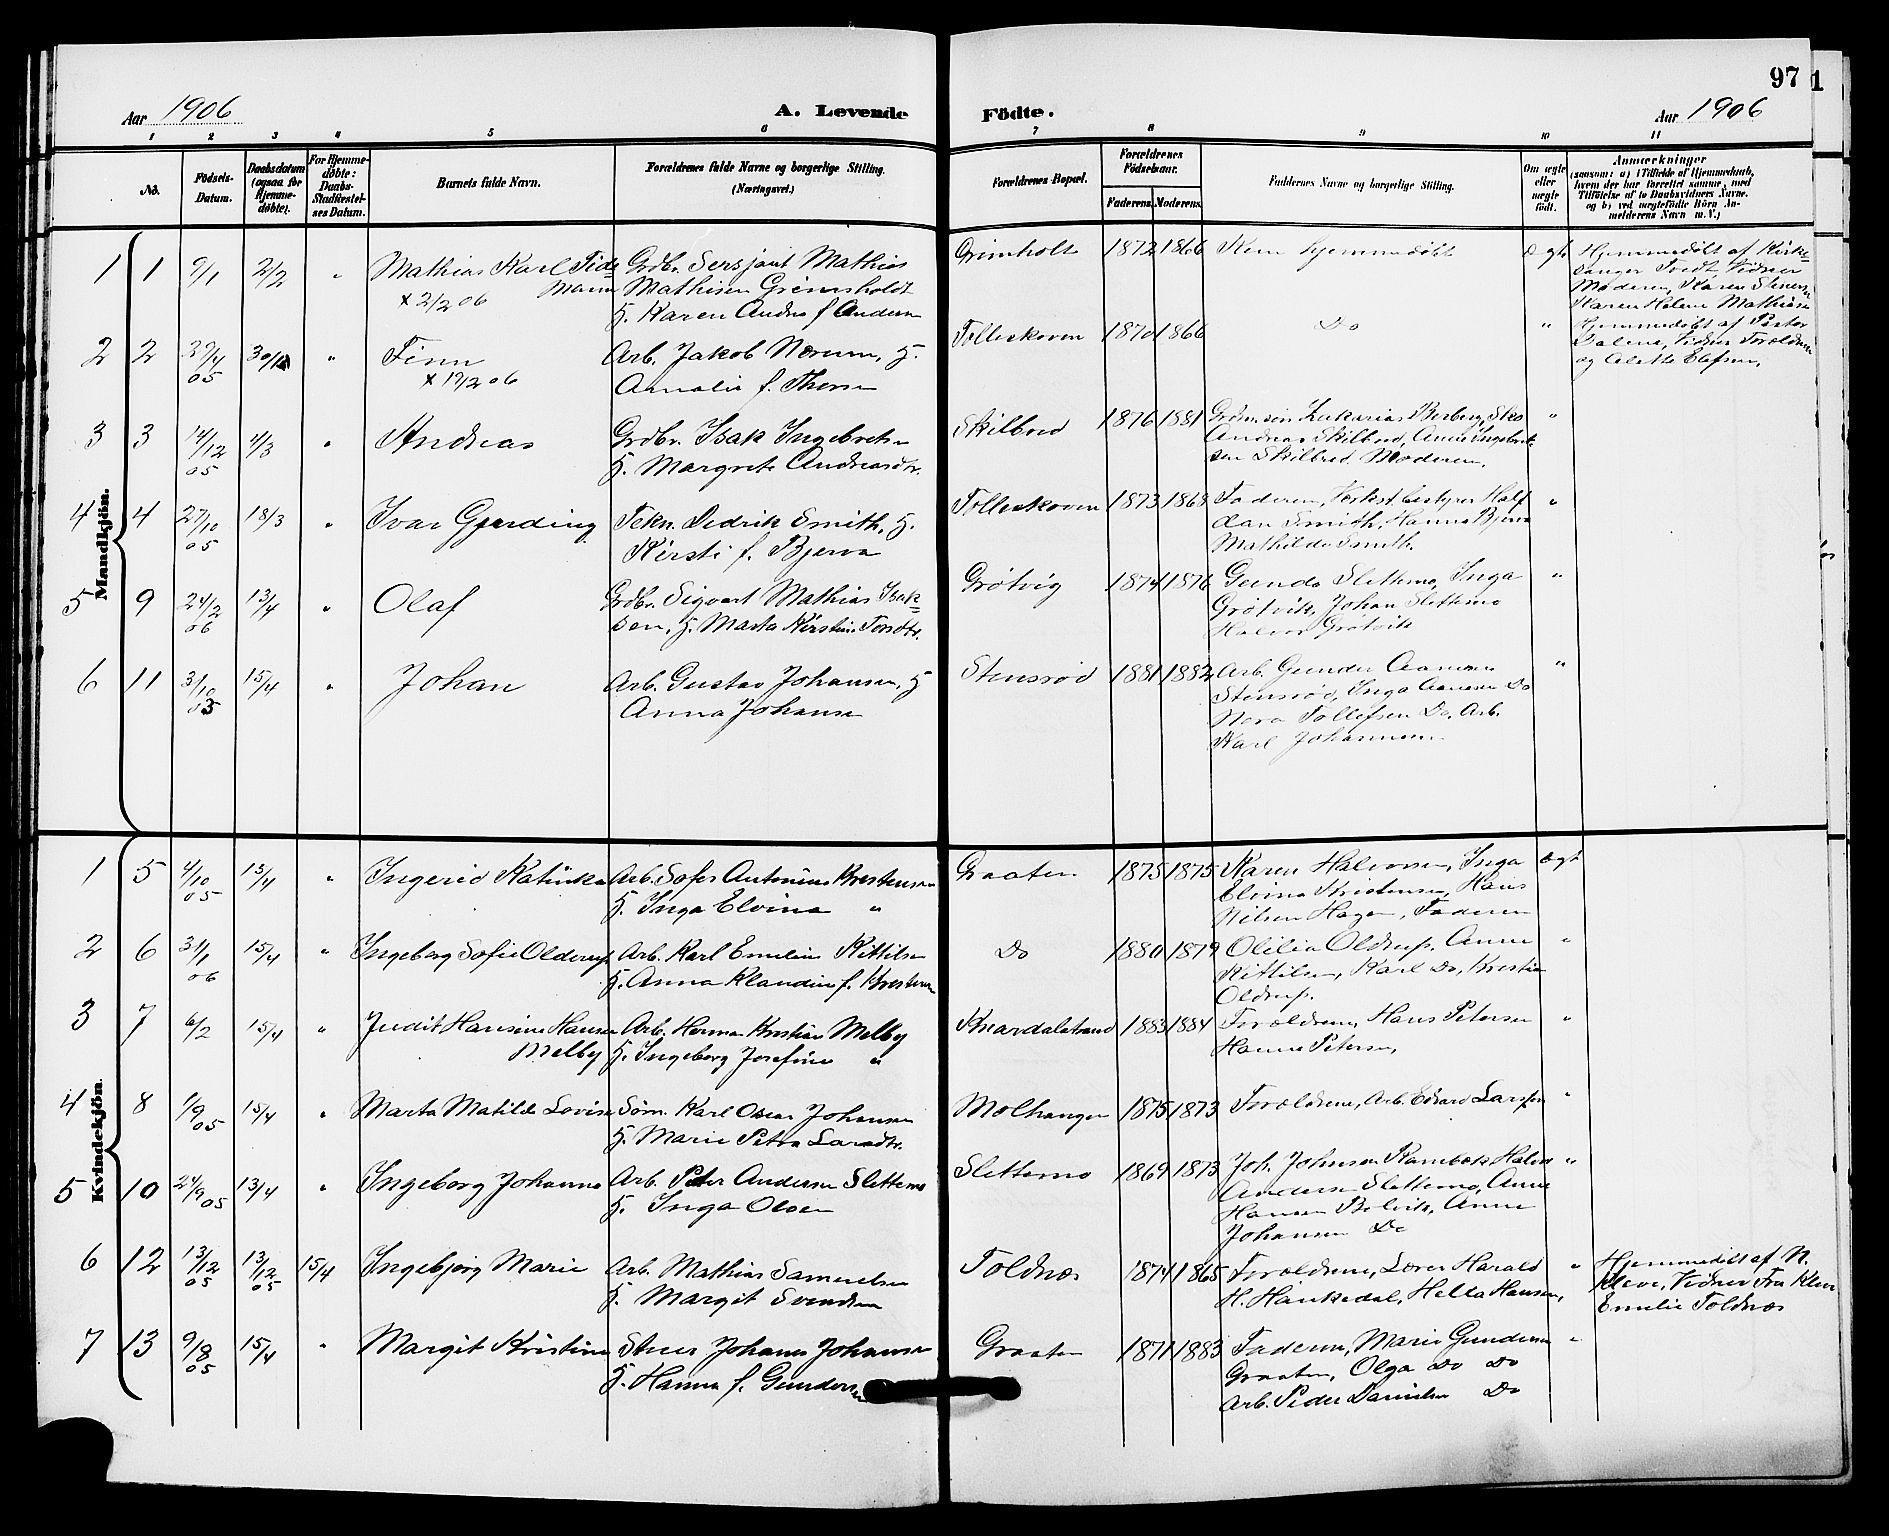 SAKO, Solum kirkebøker, G/Ga/L0008: Klokkerbok nr. I 8, 1898-1909, s. 97